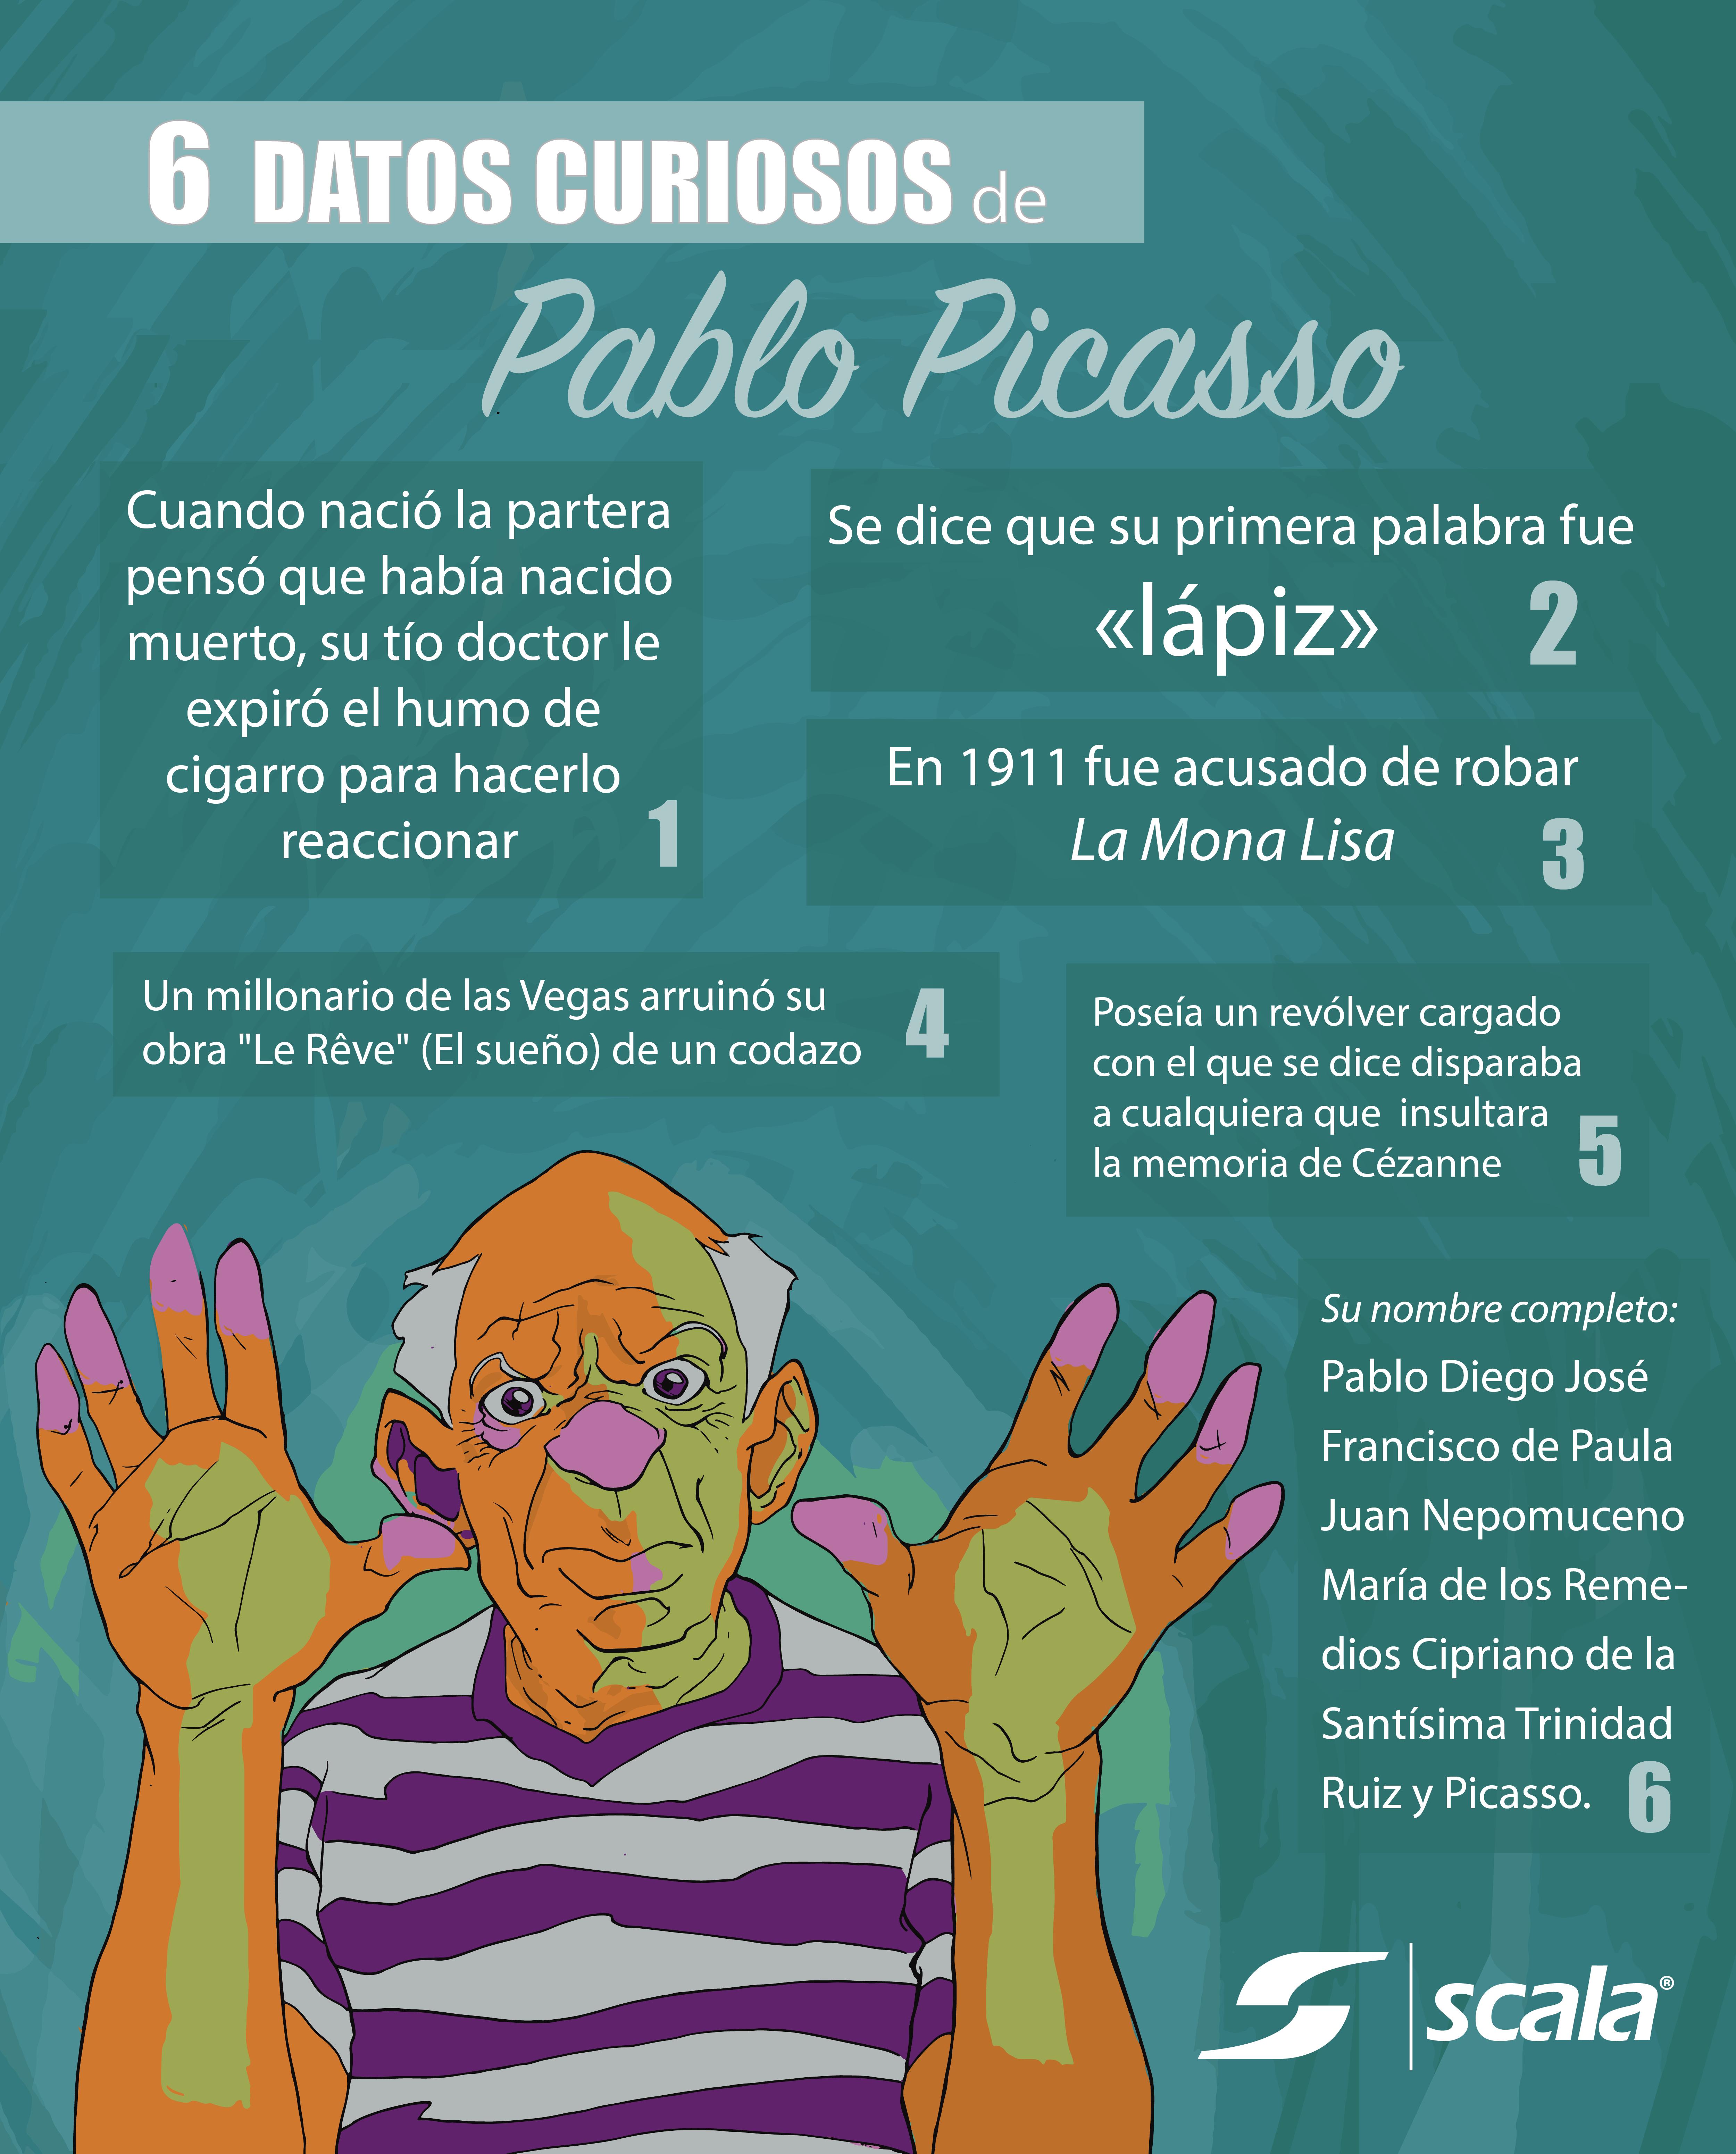 6 Datos Curiosos Sobre Pablo Picasso Vida Y Obra